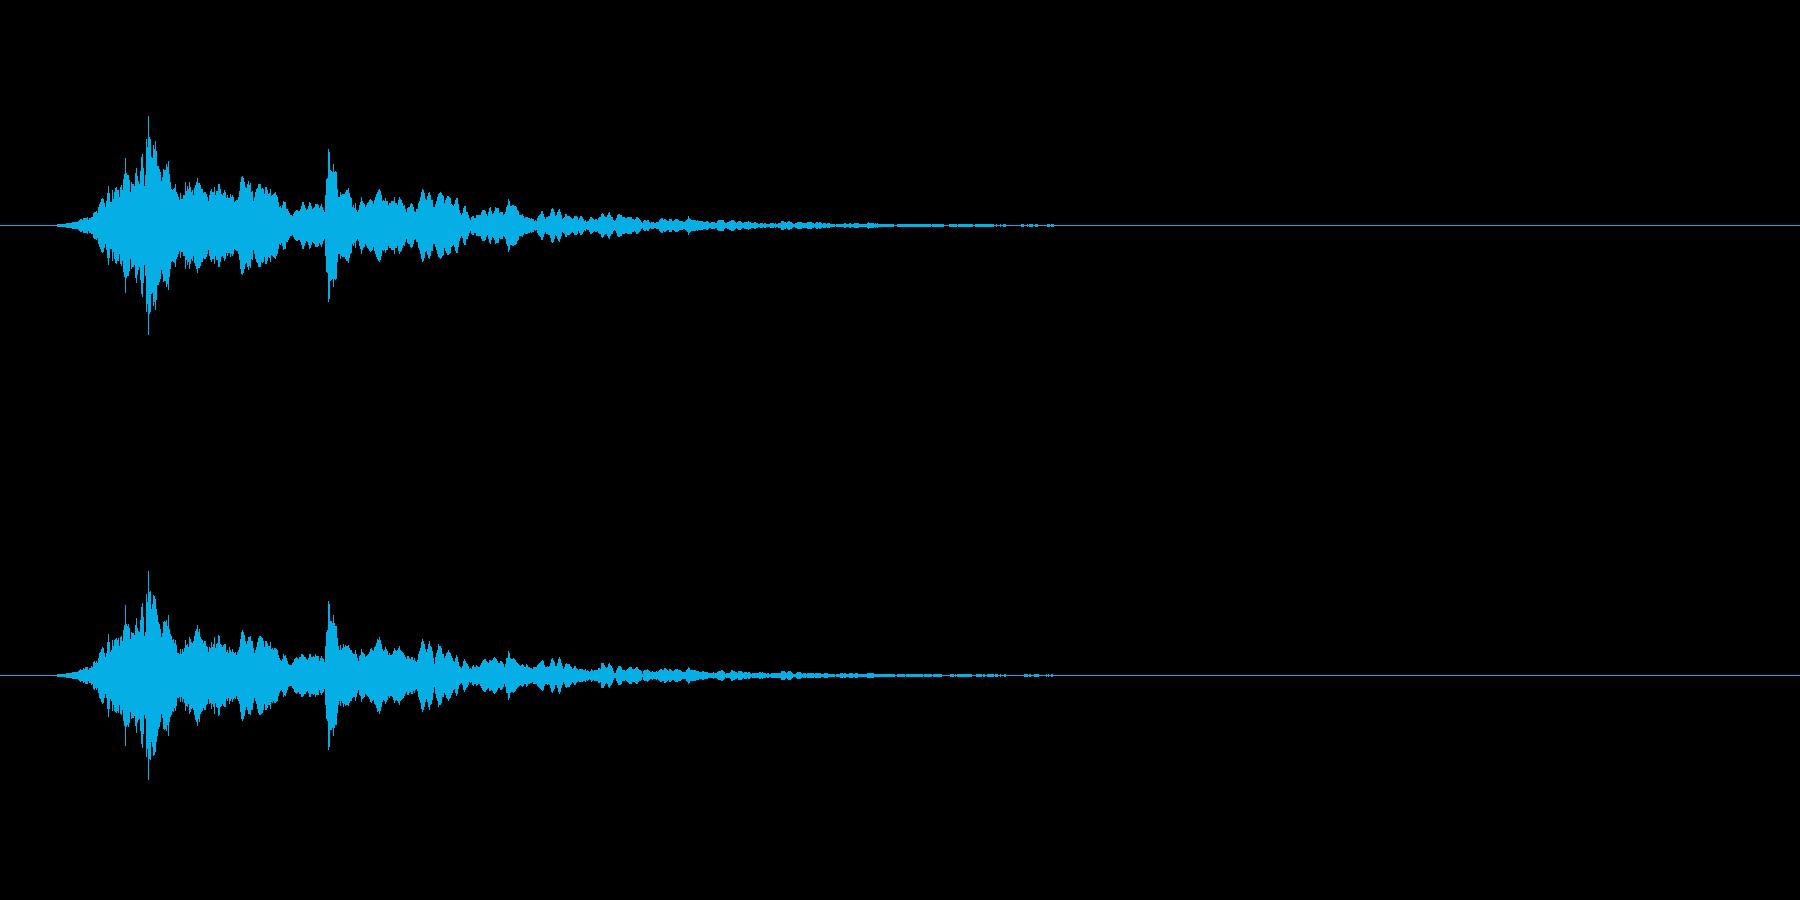 【アクセント12-4】の再生済みの波形